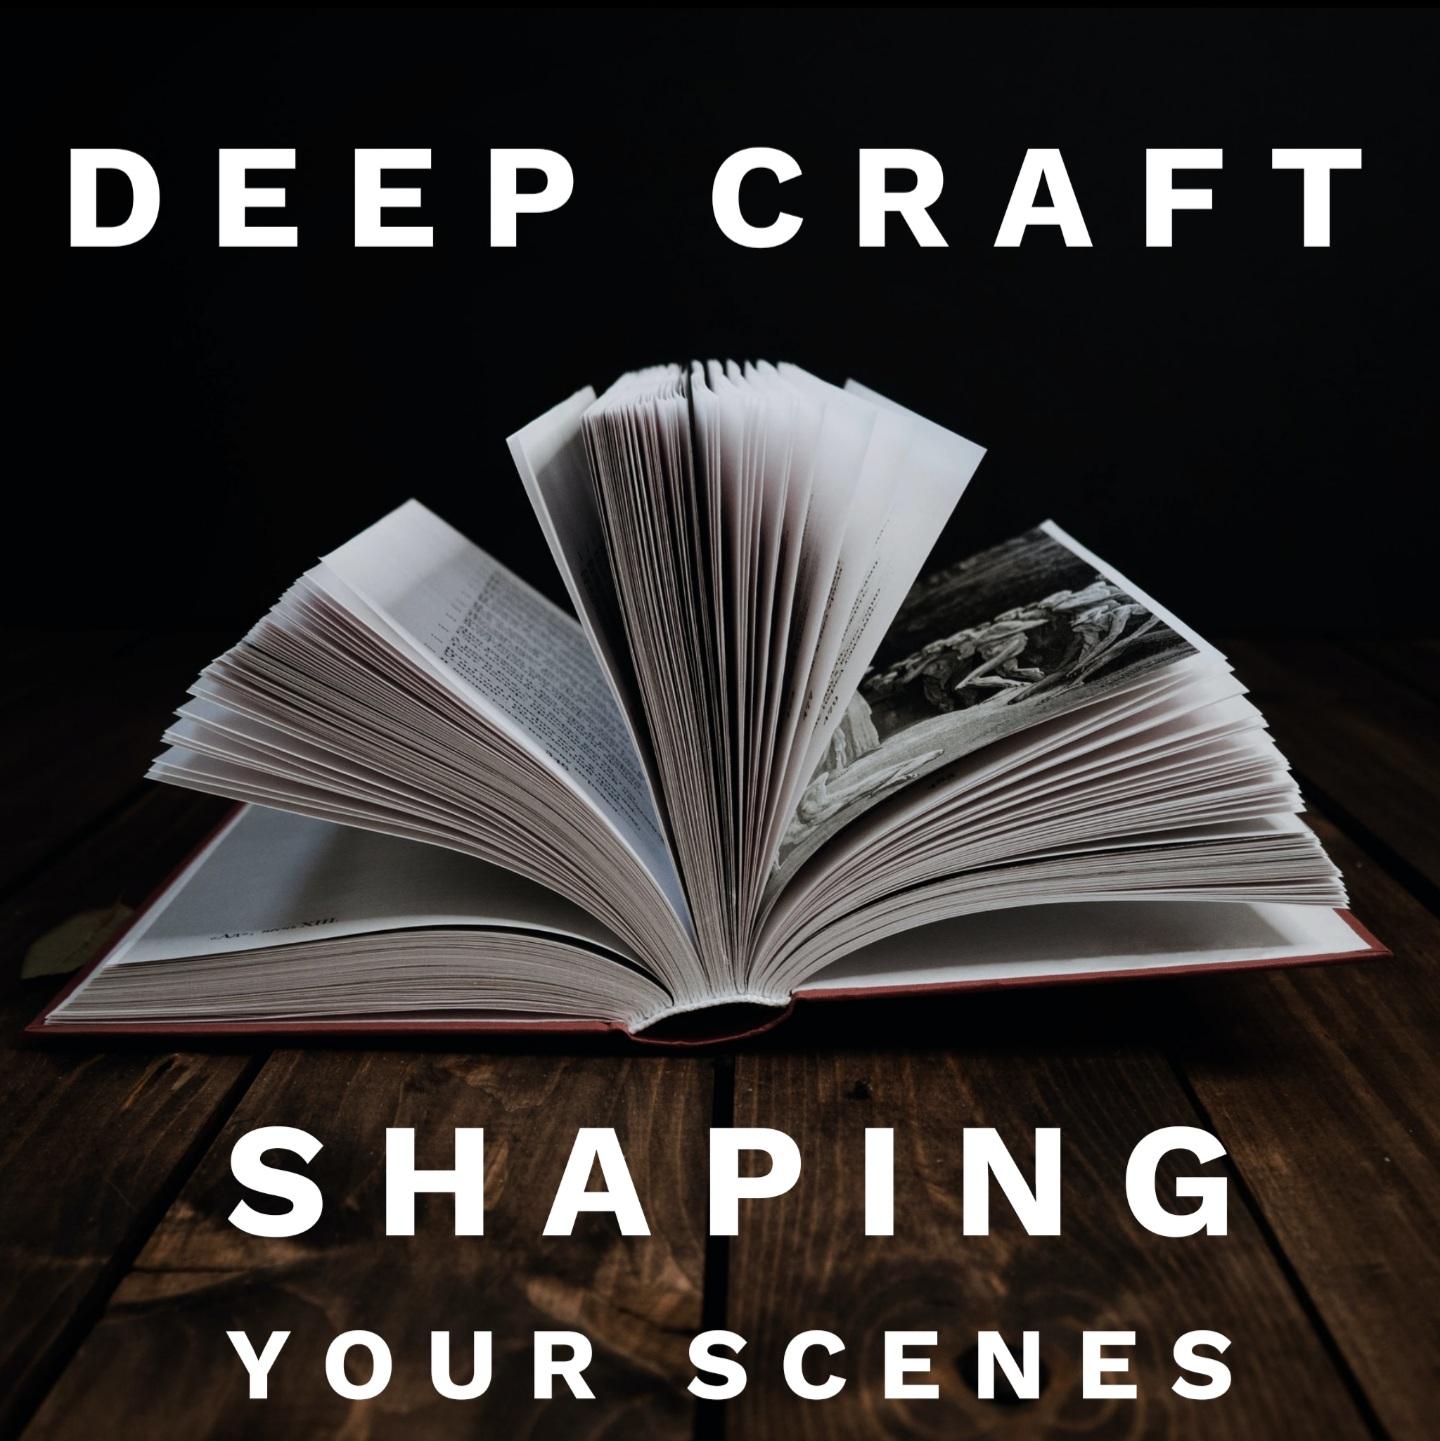 Deep Craft Image